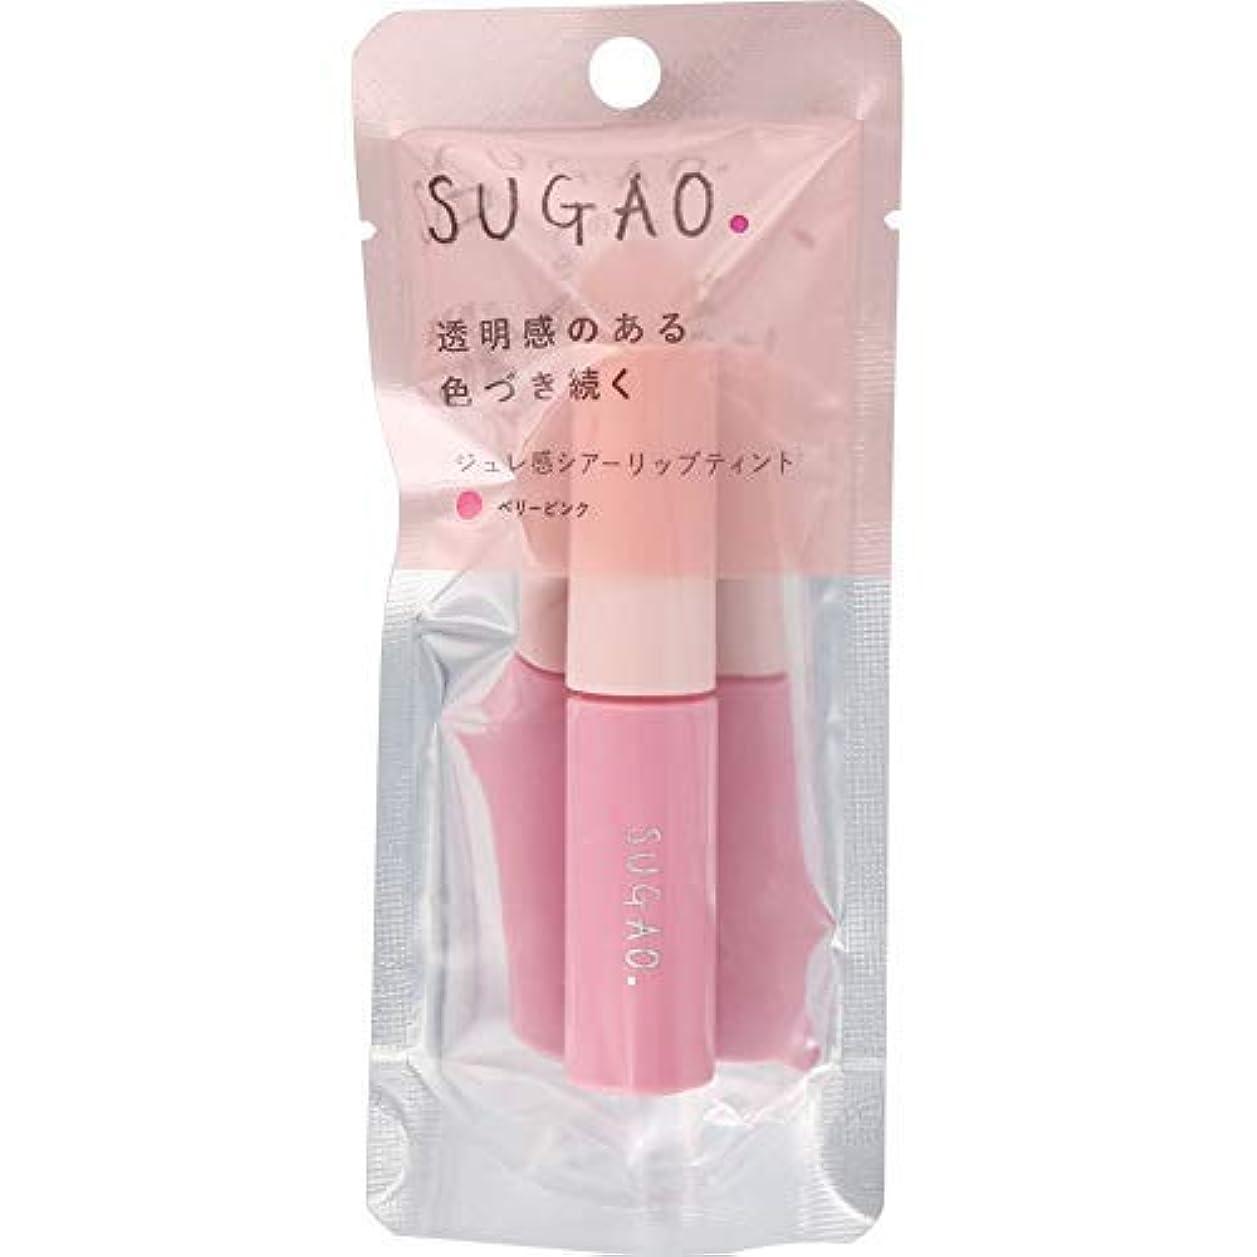 自慢拮抗する資本SUGAO ジュレ感シアーリップティント ベリーピンク × 12個セット